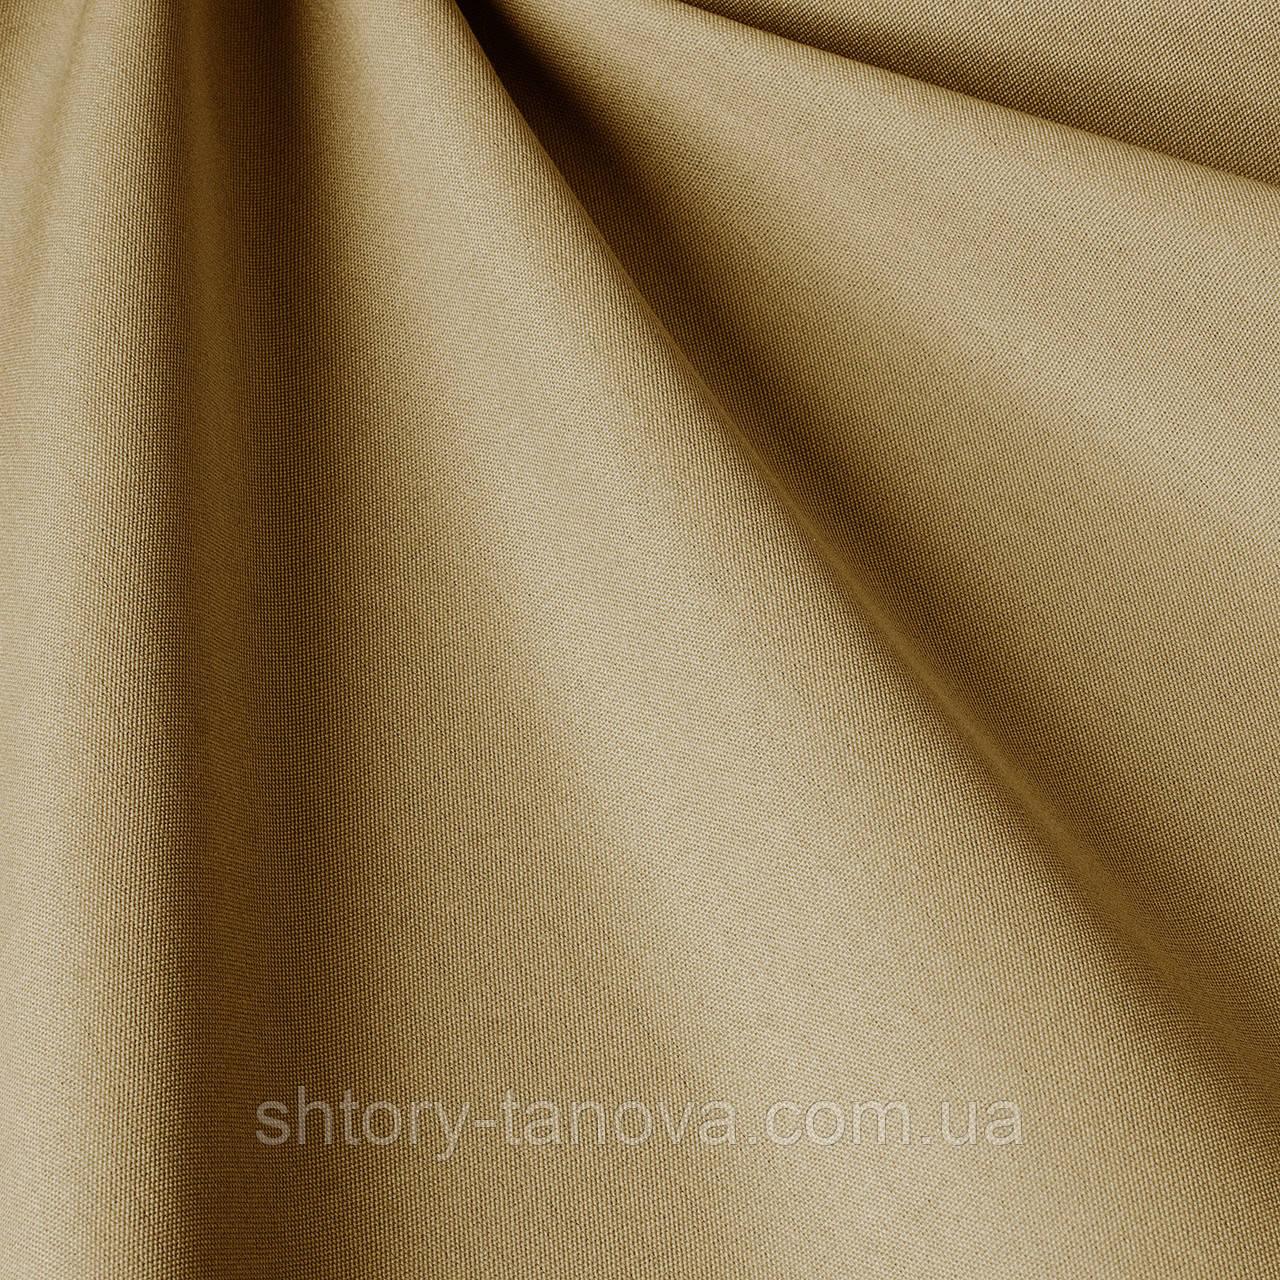 Однотонная ткань для улицы светло-коричневого цвета